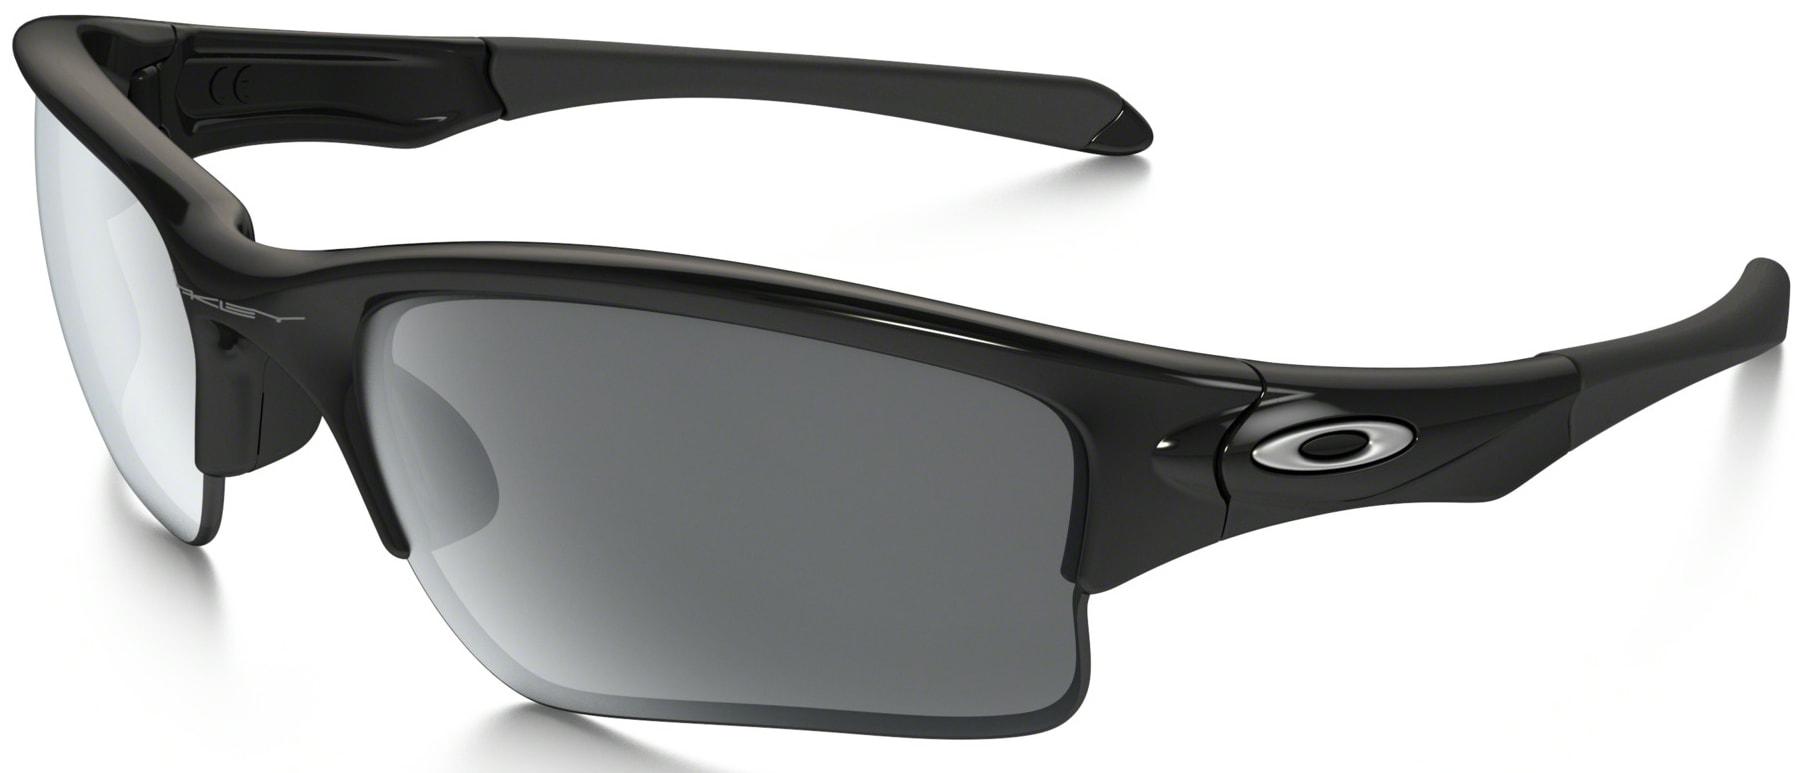 2ef4d97af7c Oakley Kids  Prizm Baseball Quarter Jacket Sunglasses